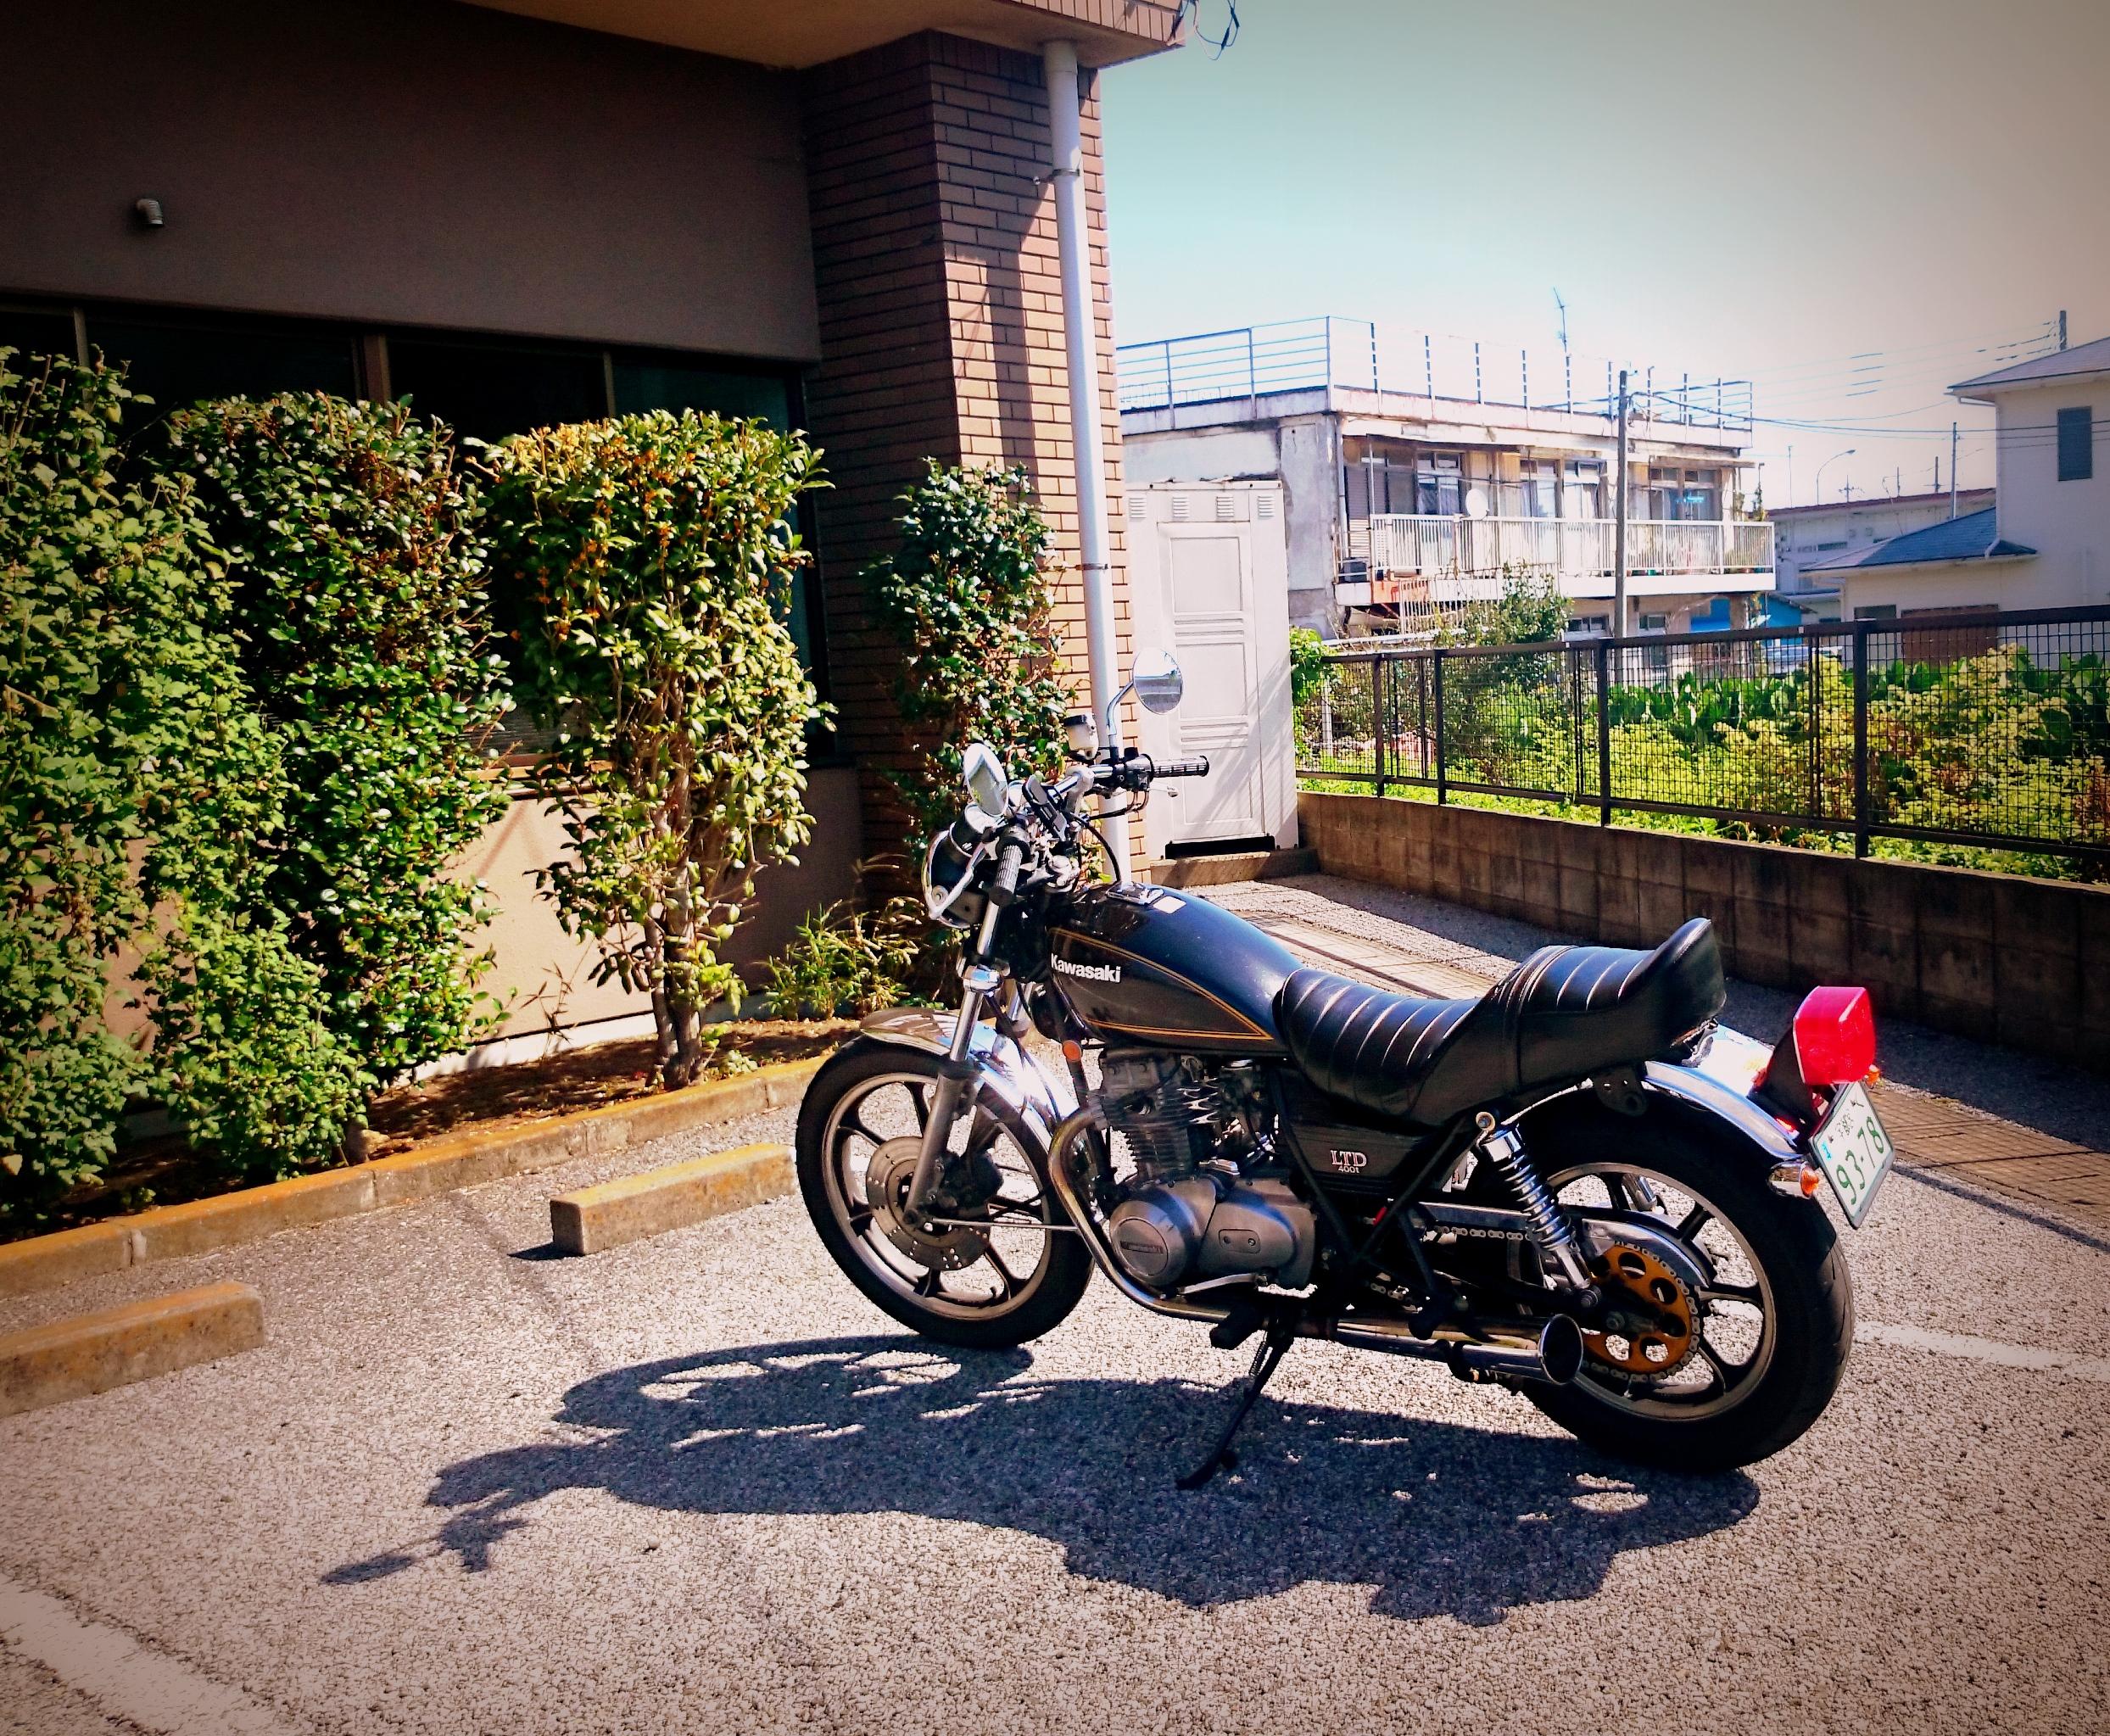 2014-09-28 10.21.44.jpg